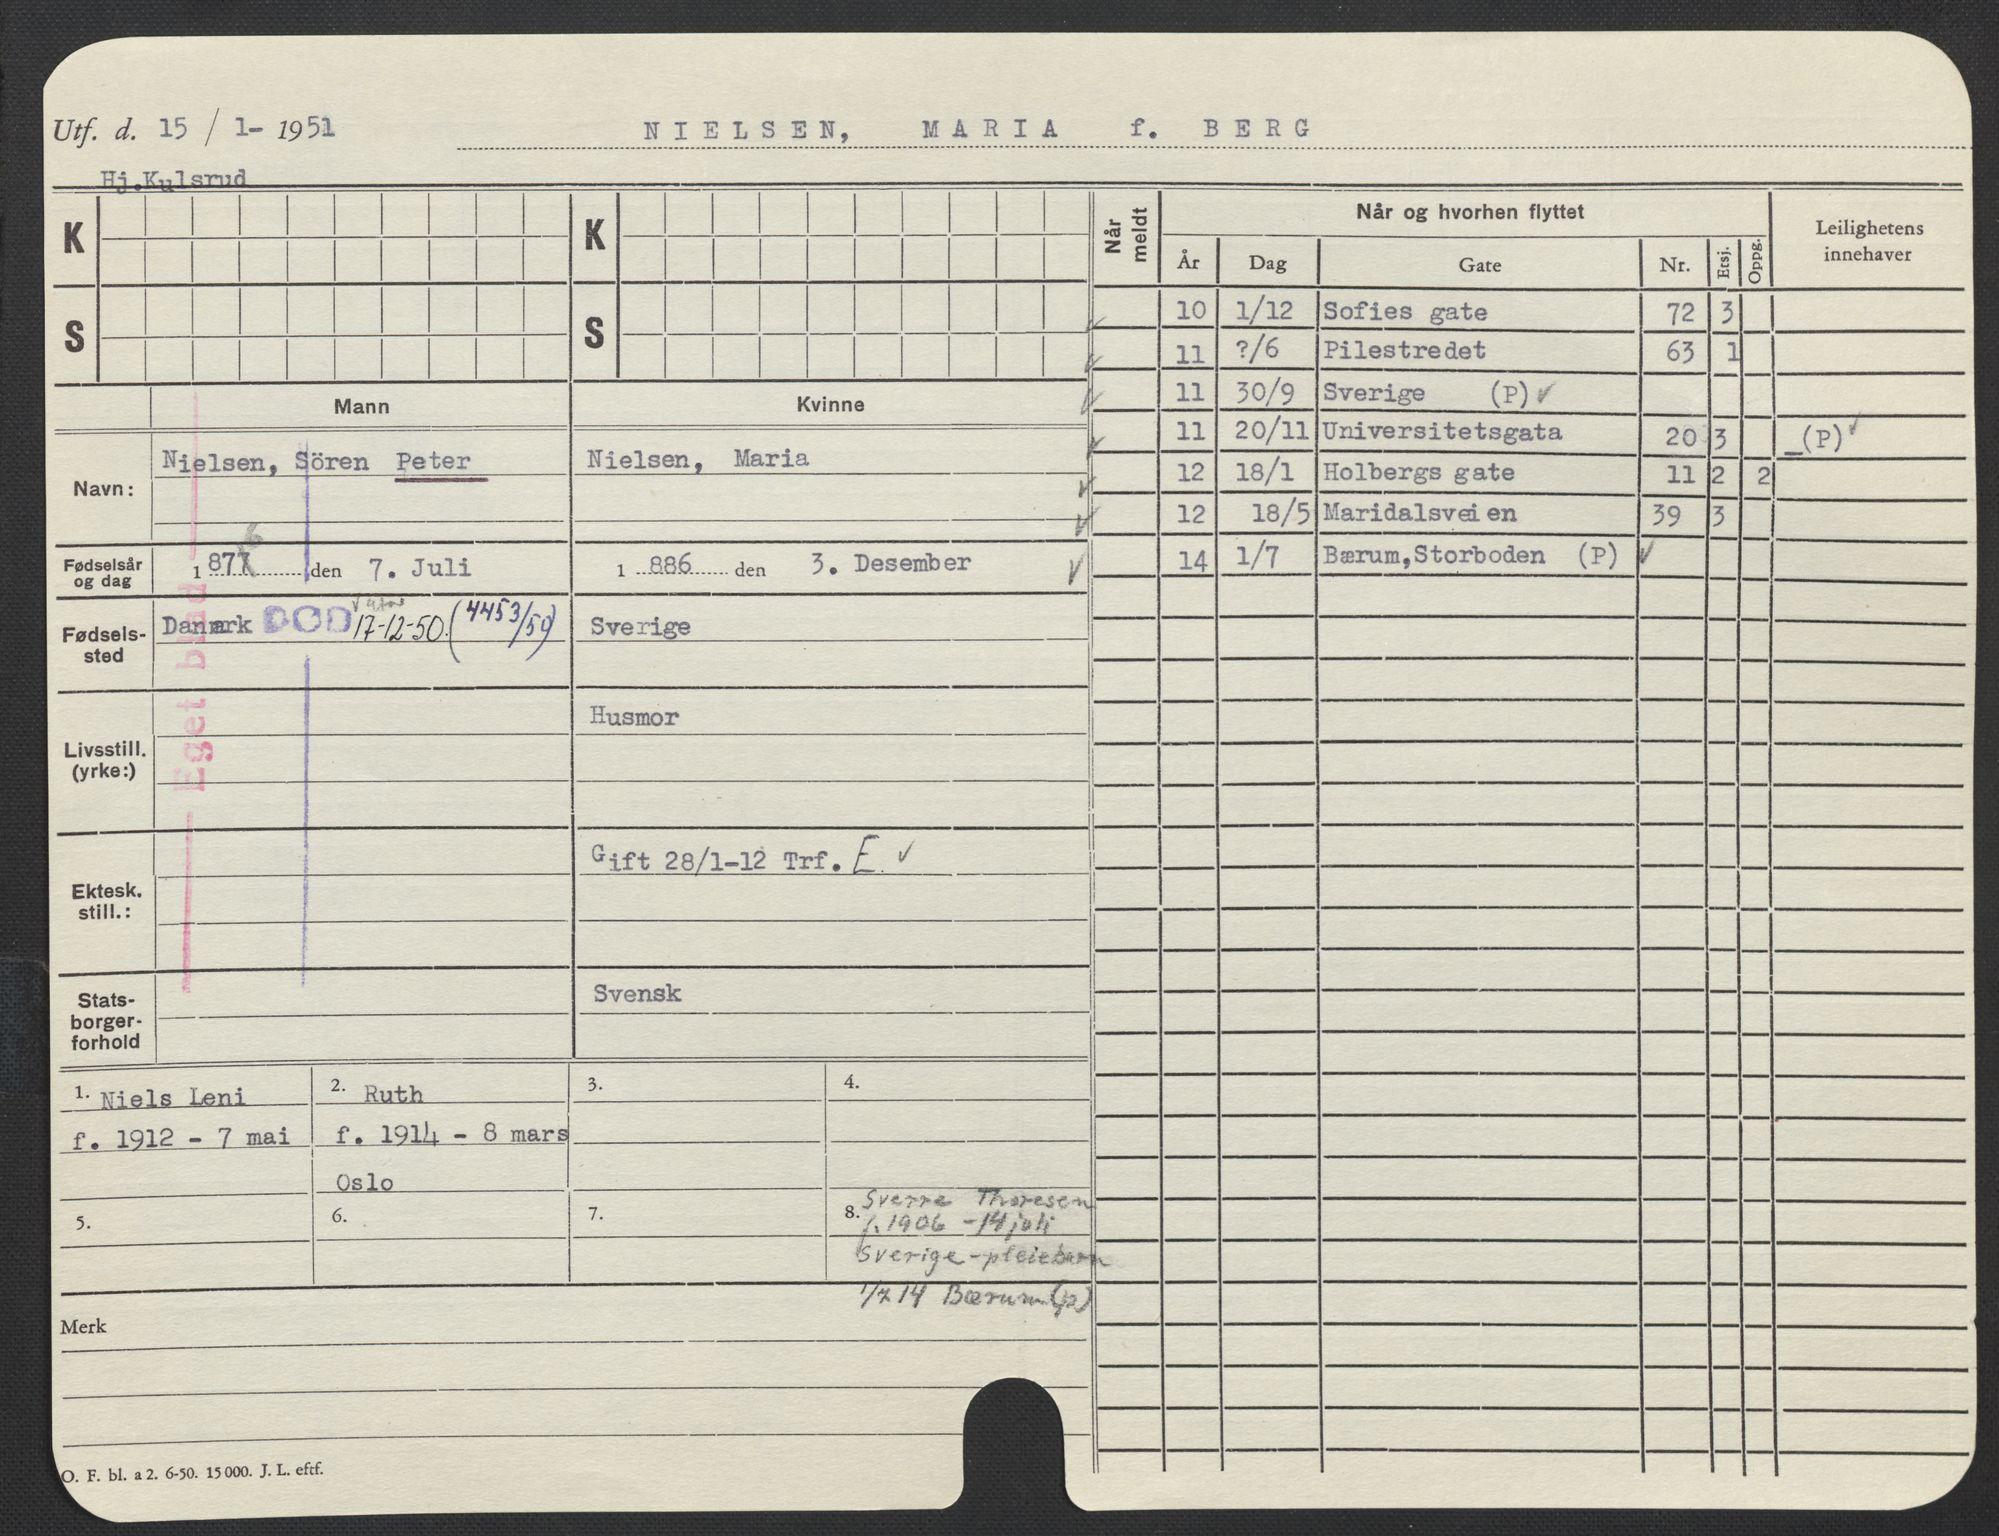 SAO, Oslo folkeregister, Registerkort, F/Fa/Fac/L0021: Kvinner, 1906-1914, s. 376a